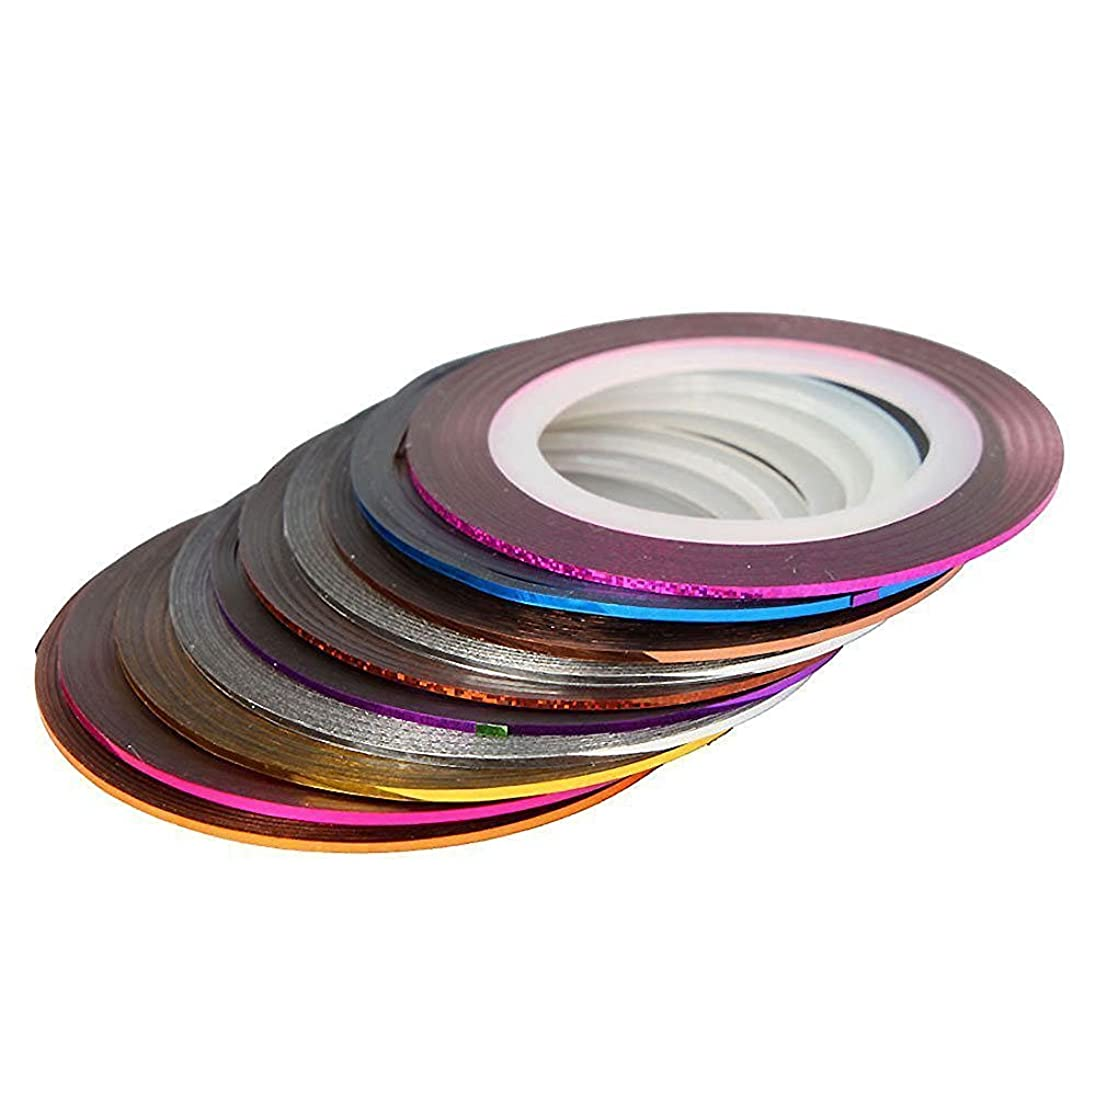 Vi.yo ラインテープ ネイルデザインテープ ネイルアート用 DIYネイルチップ用 自己粘着性 30色 カラーネイルアートセット